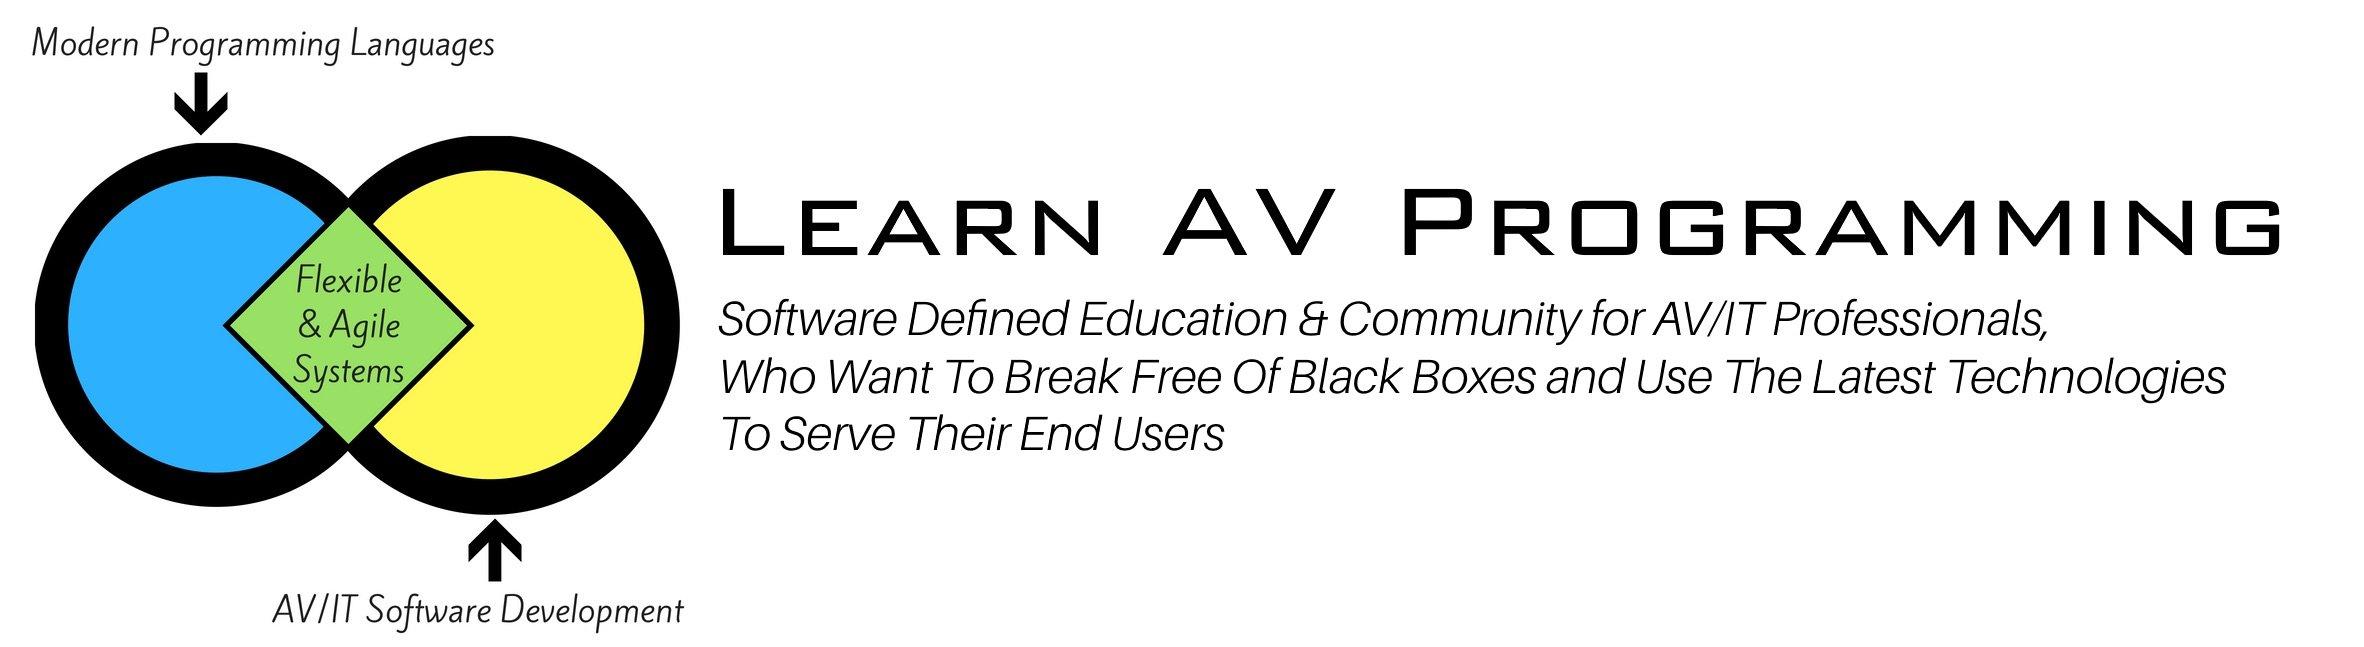 learn av programming